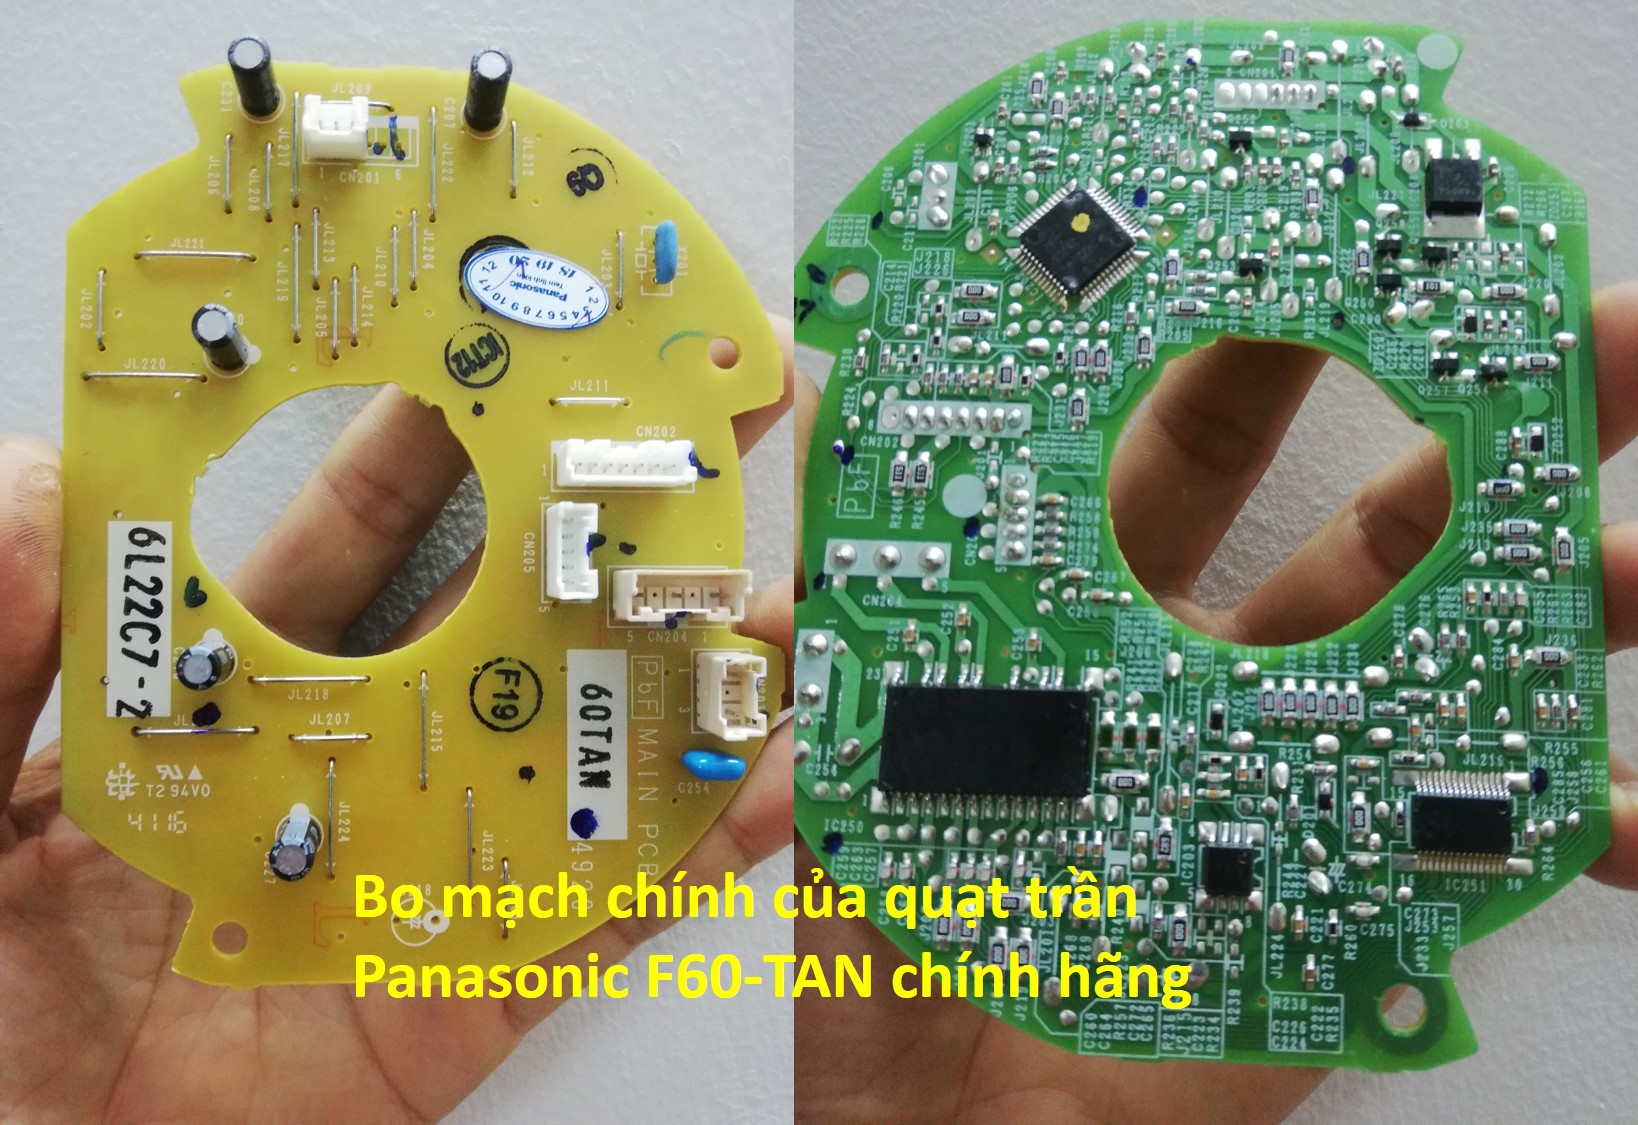 Mạch điều khiển quạt trần Panasonic F60-TAN chính hãng 1